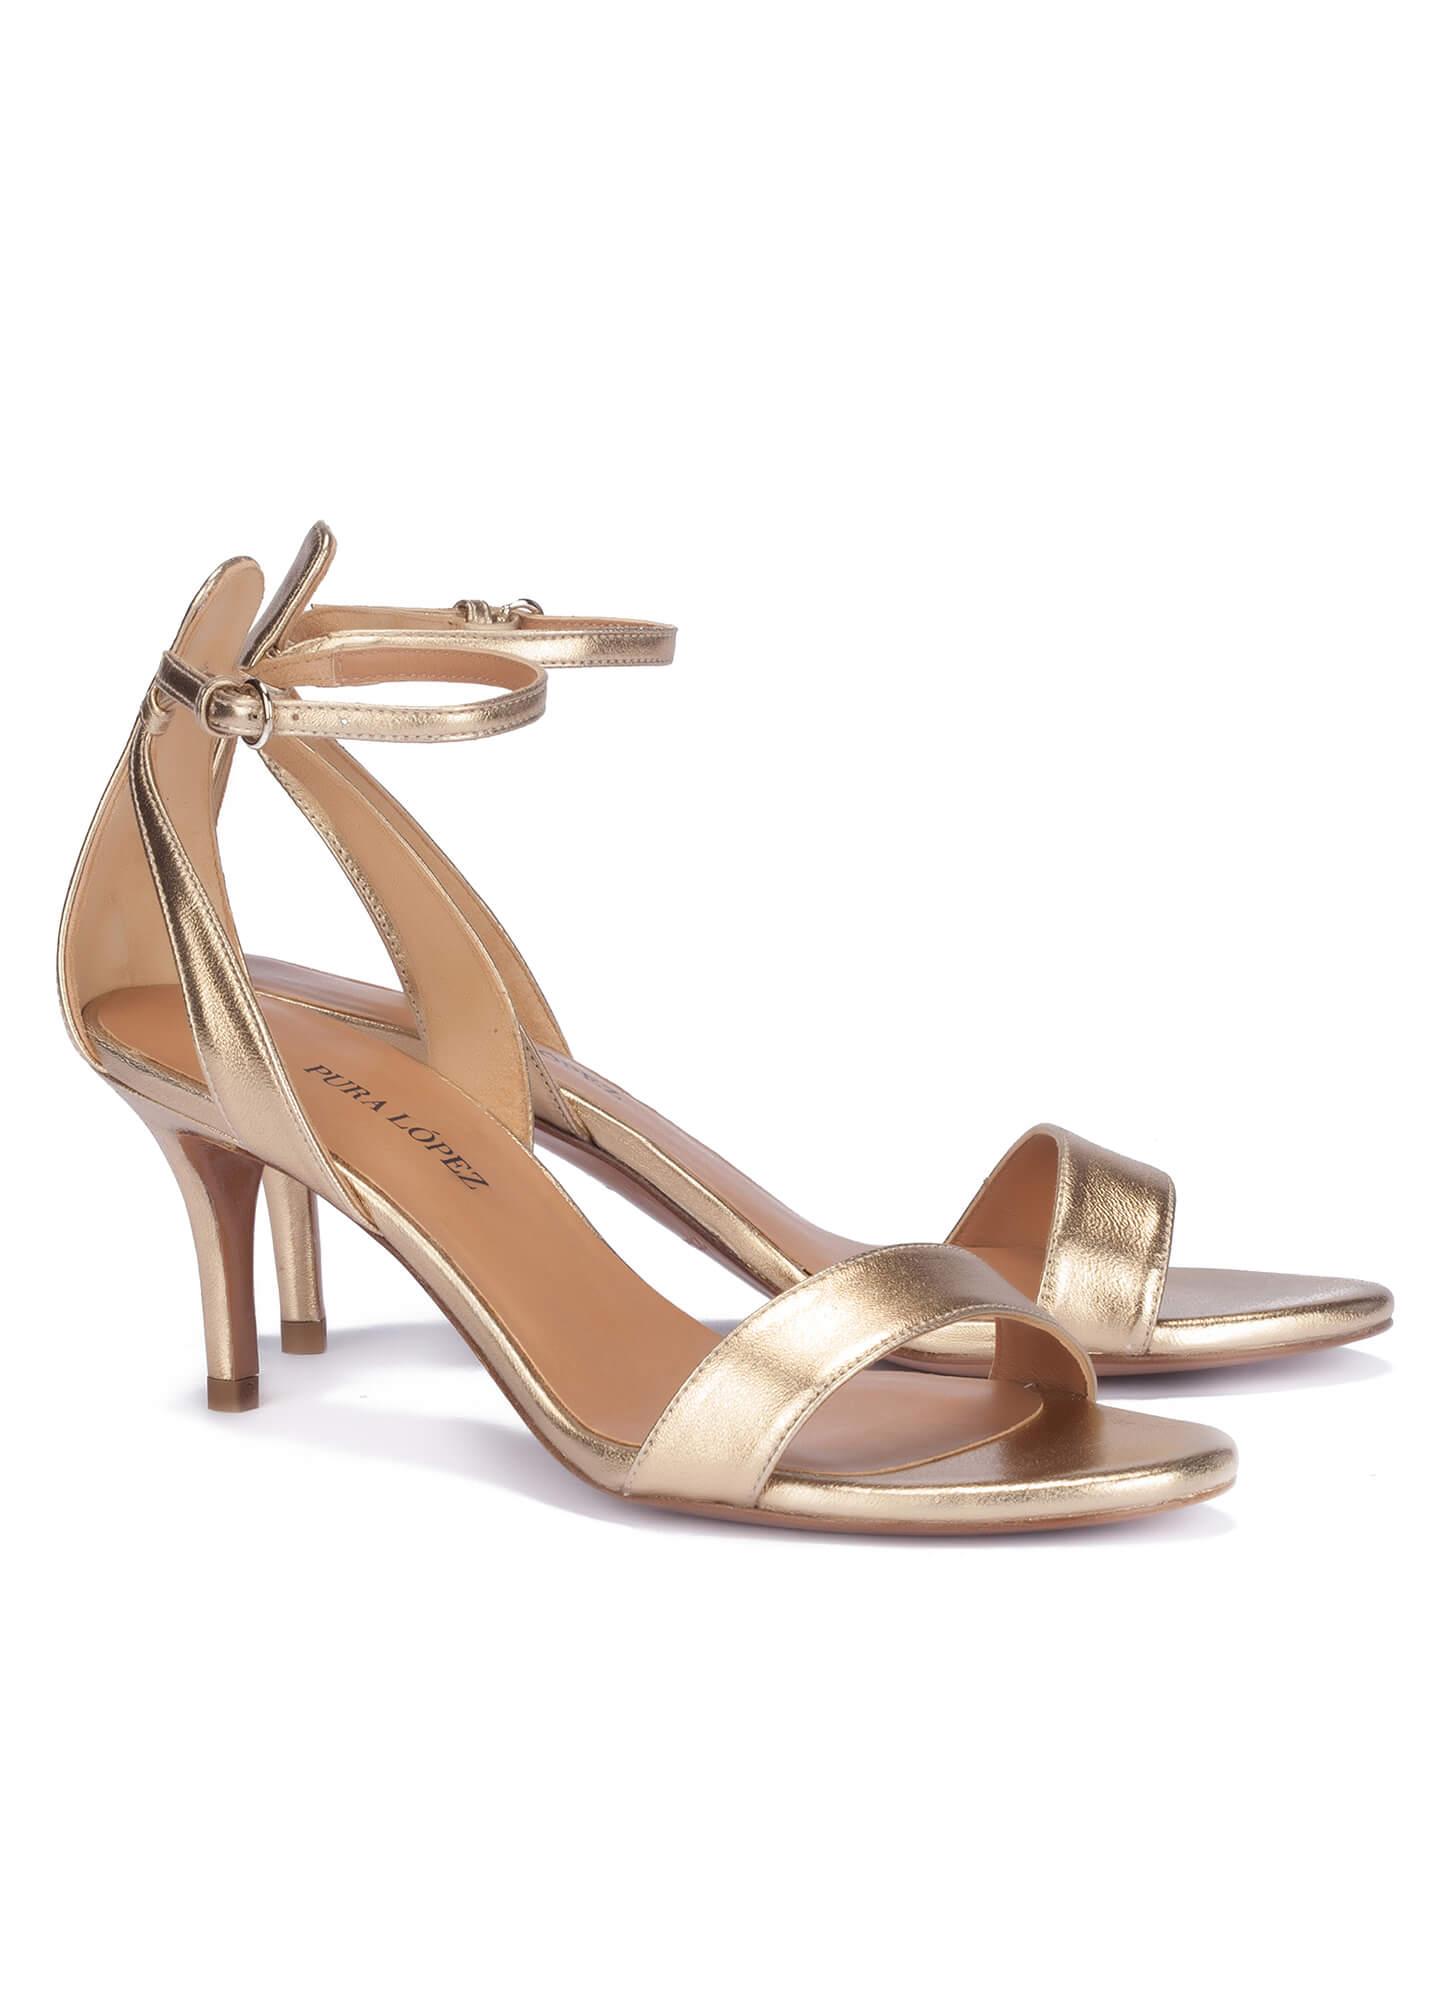 917107722ce Sandalias doradas de medio tacón con pulsera Sandalias oro de tacón medio -  tienda de zapatos Pura López ...